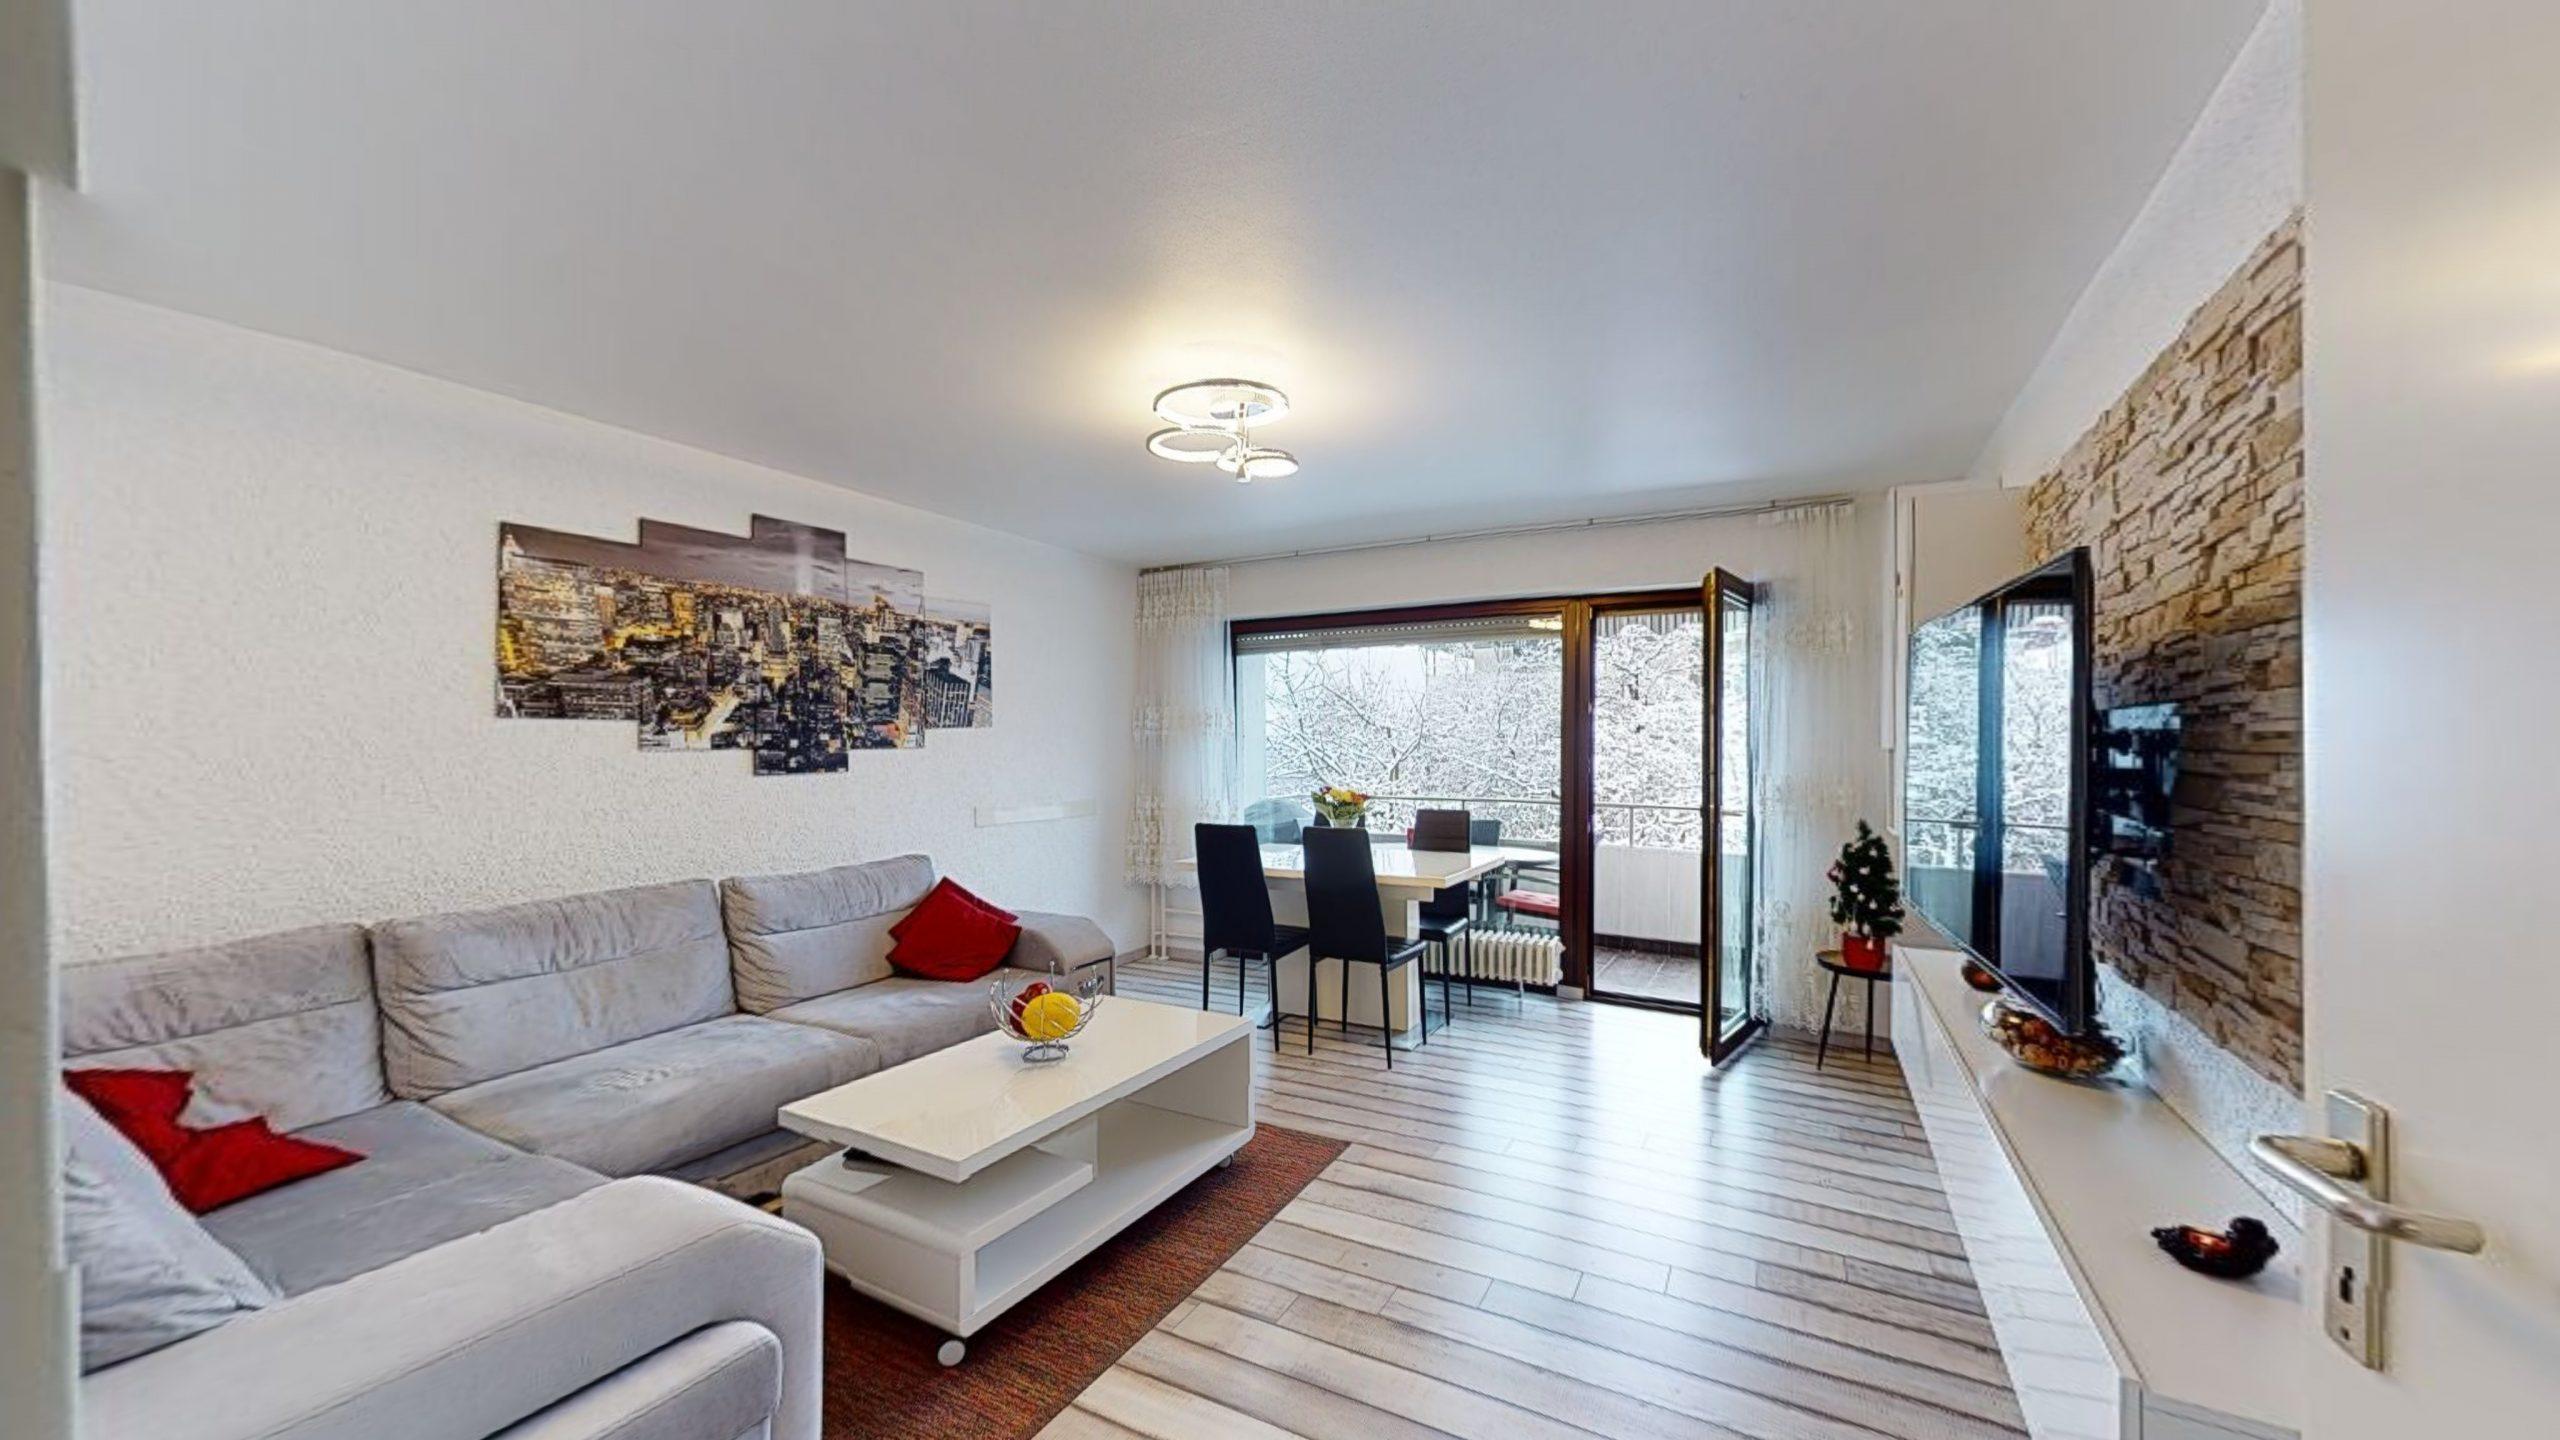 Schone-4-Zimmer-Wohnung-in-Sindelfingen-01082021_000201